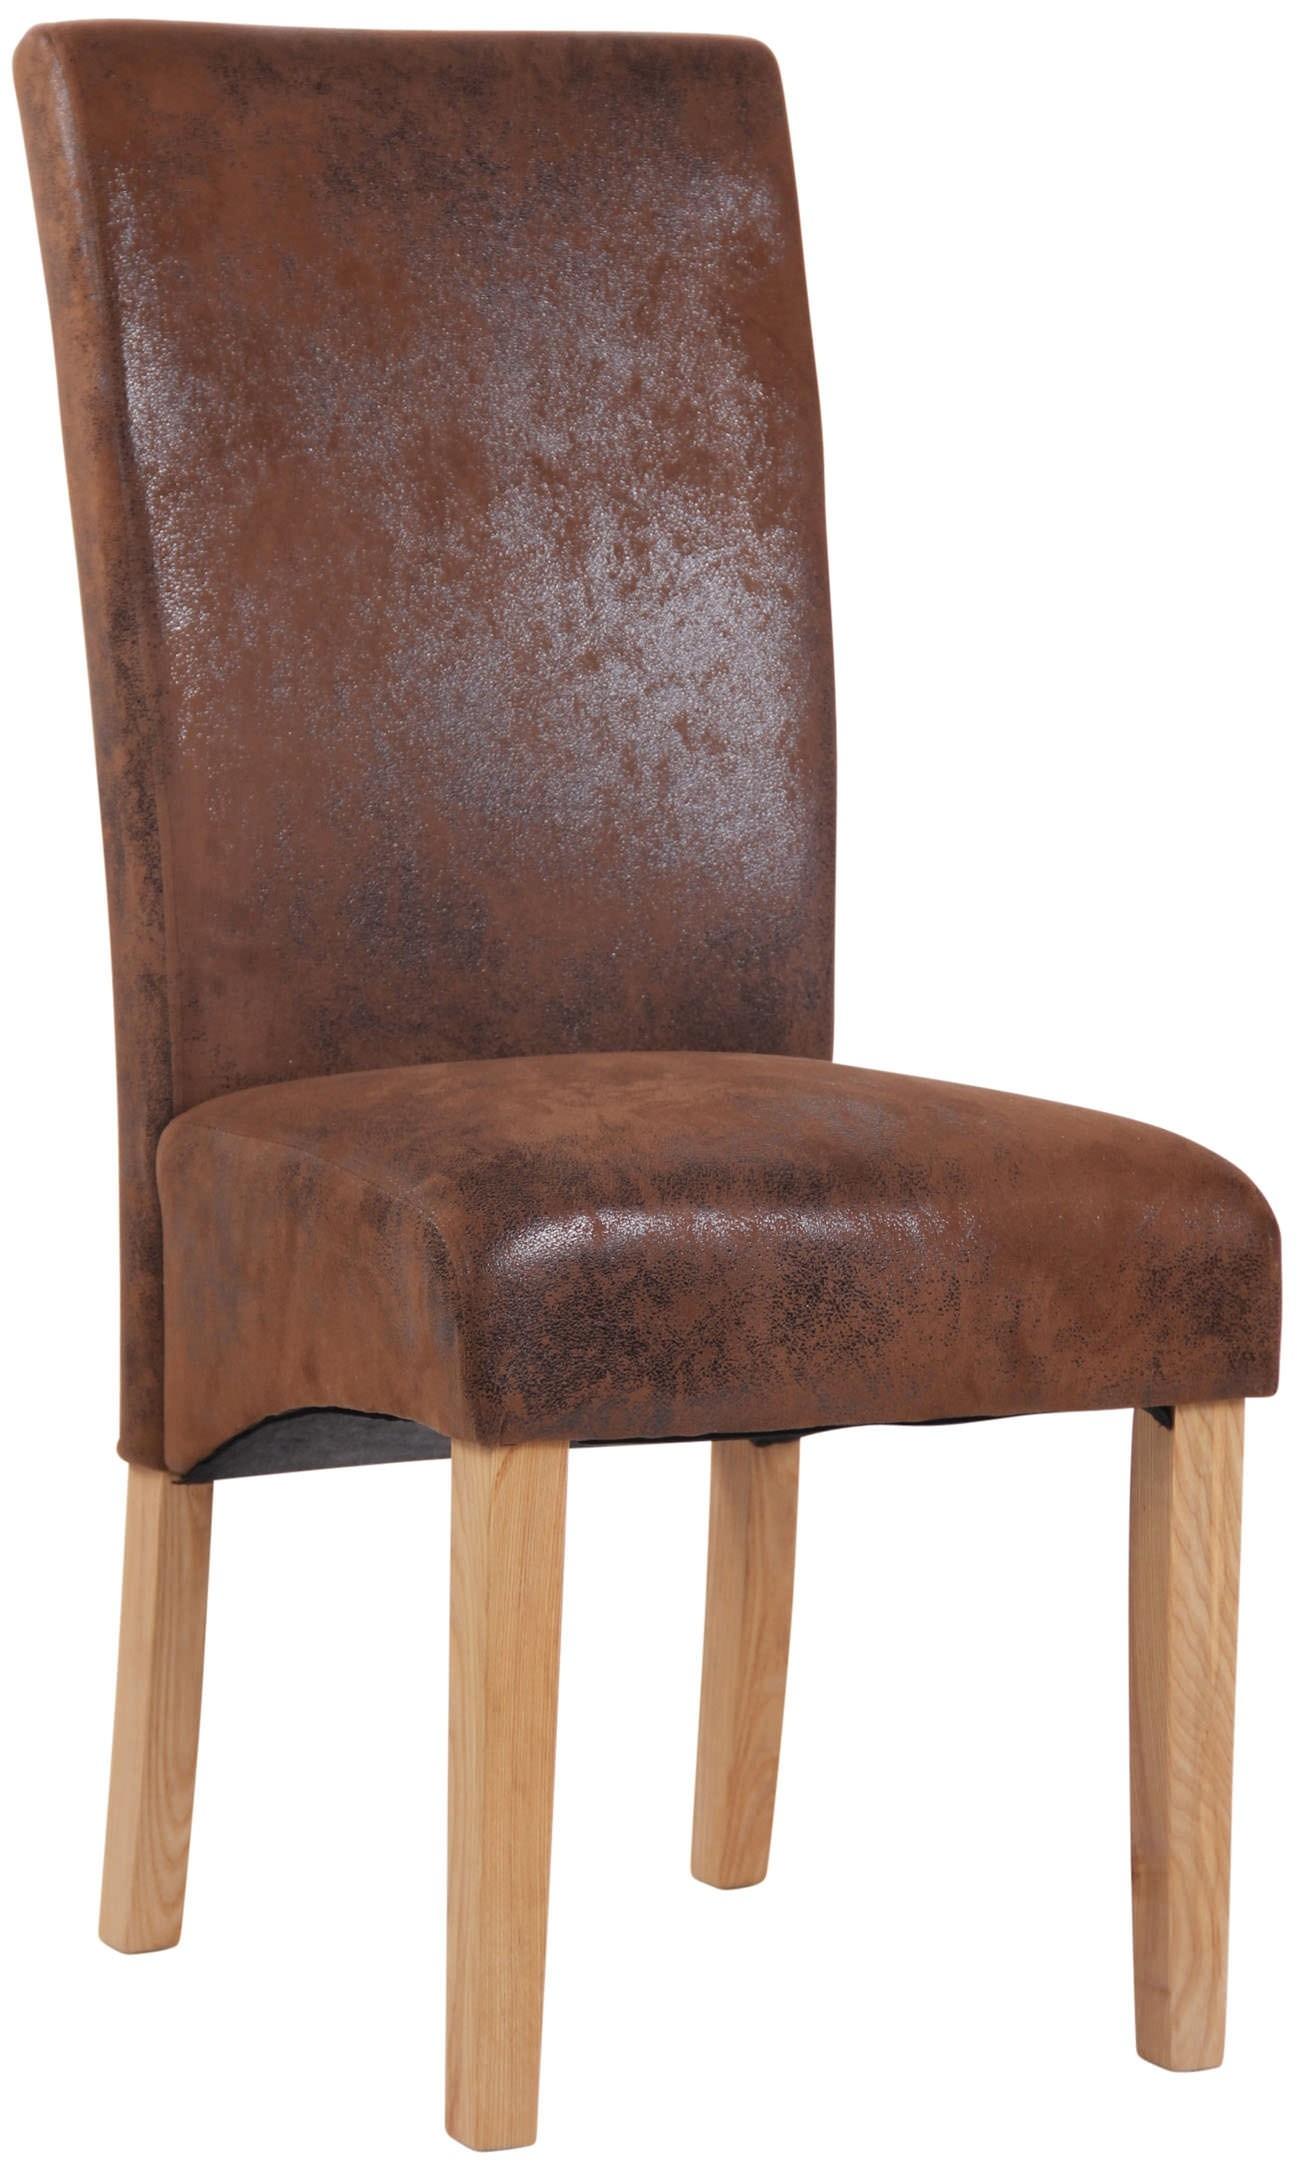 Chaise de salle à manger Levanger style vintage